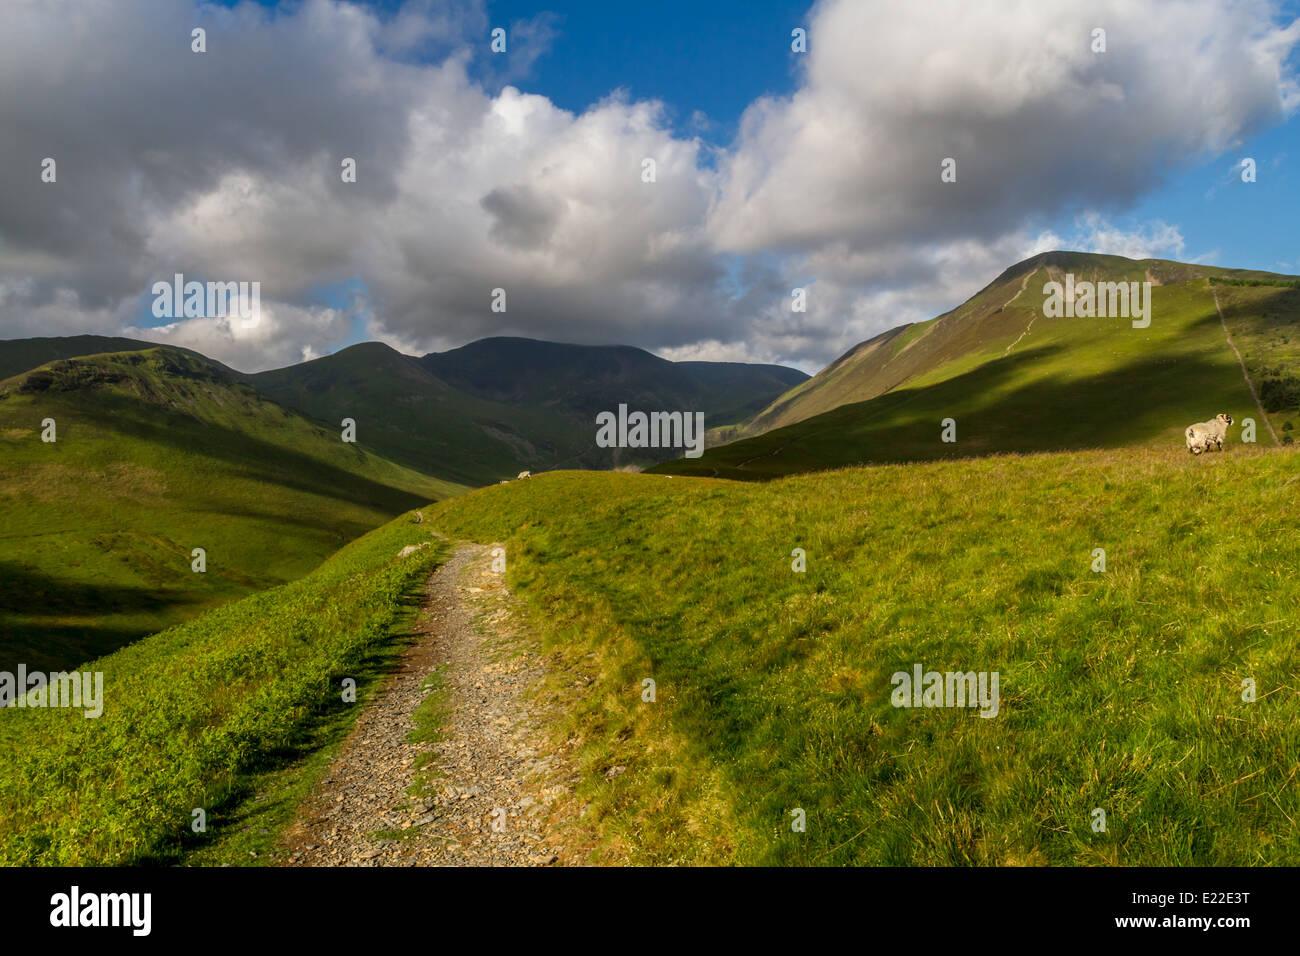 Inspirierendes Bild des englischen Lake District. Grisedale Pike auf dem Recht, Teil der Coledale Hufeisen. Stockbild